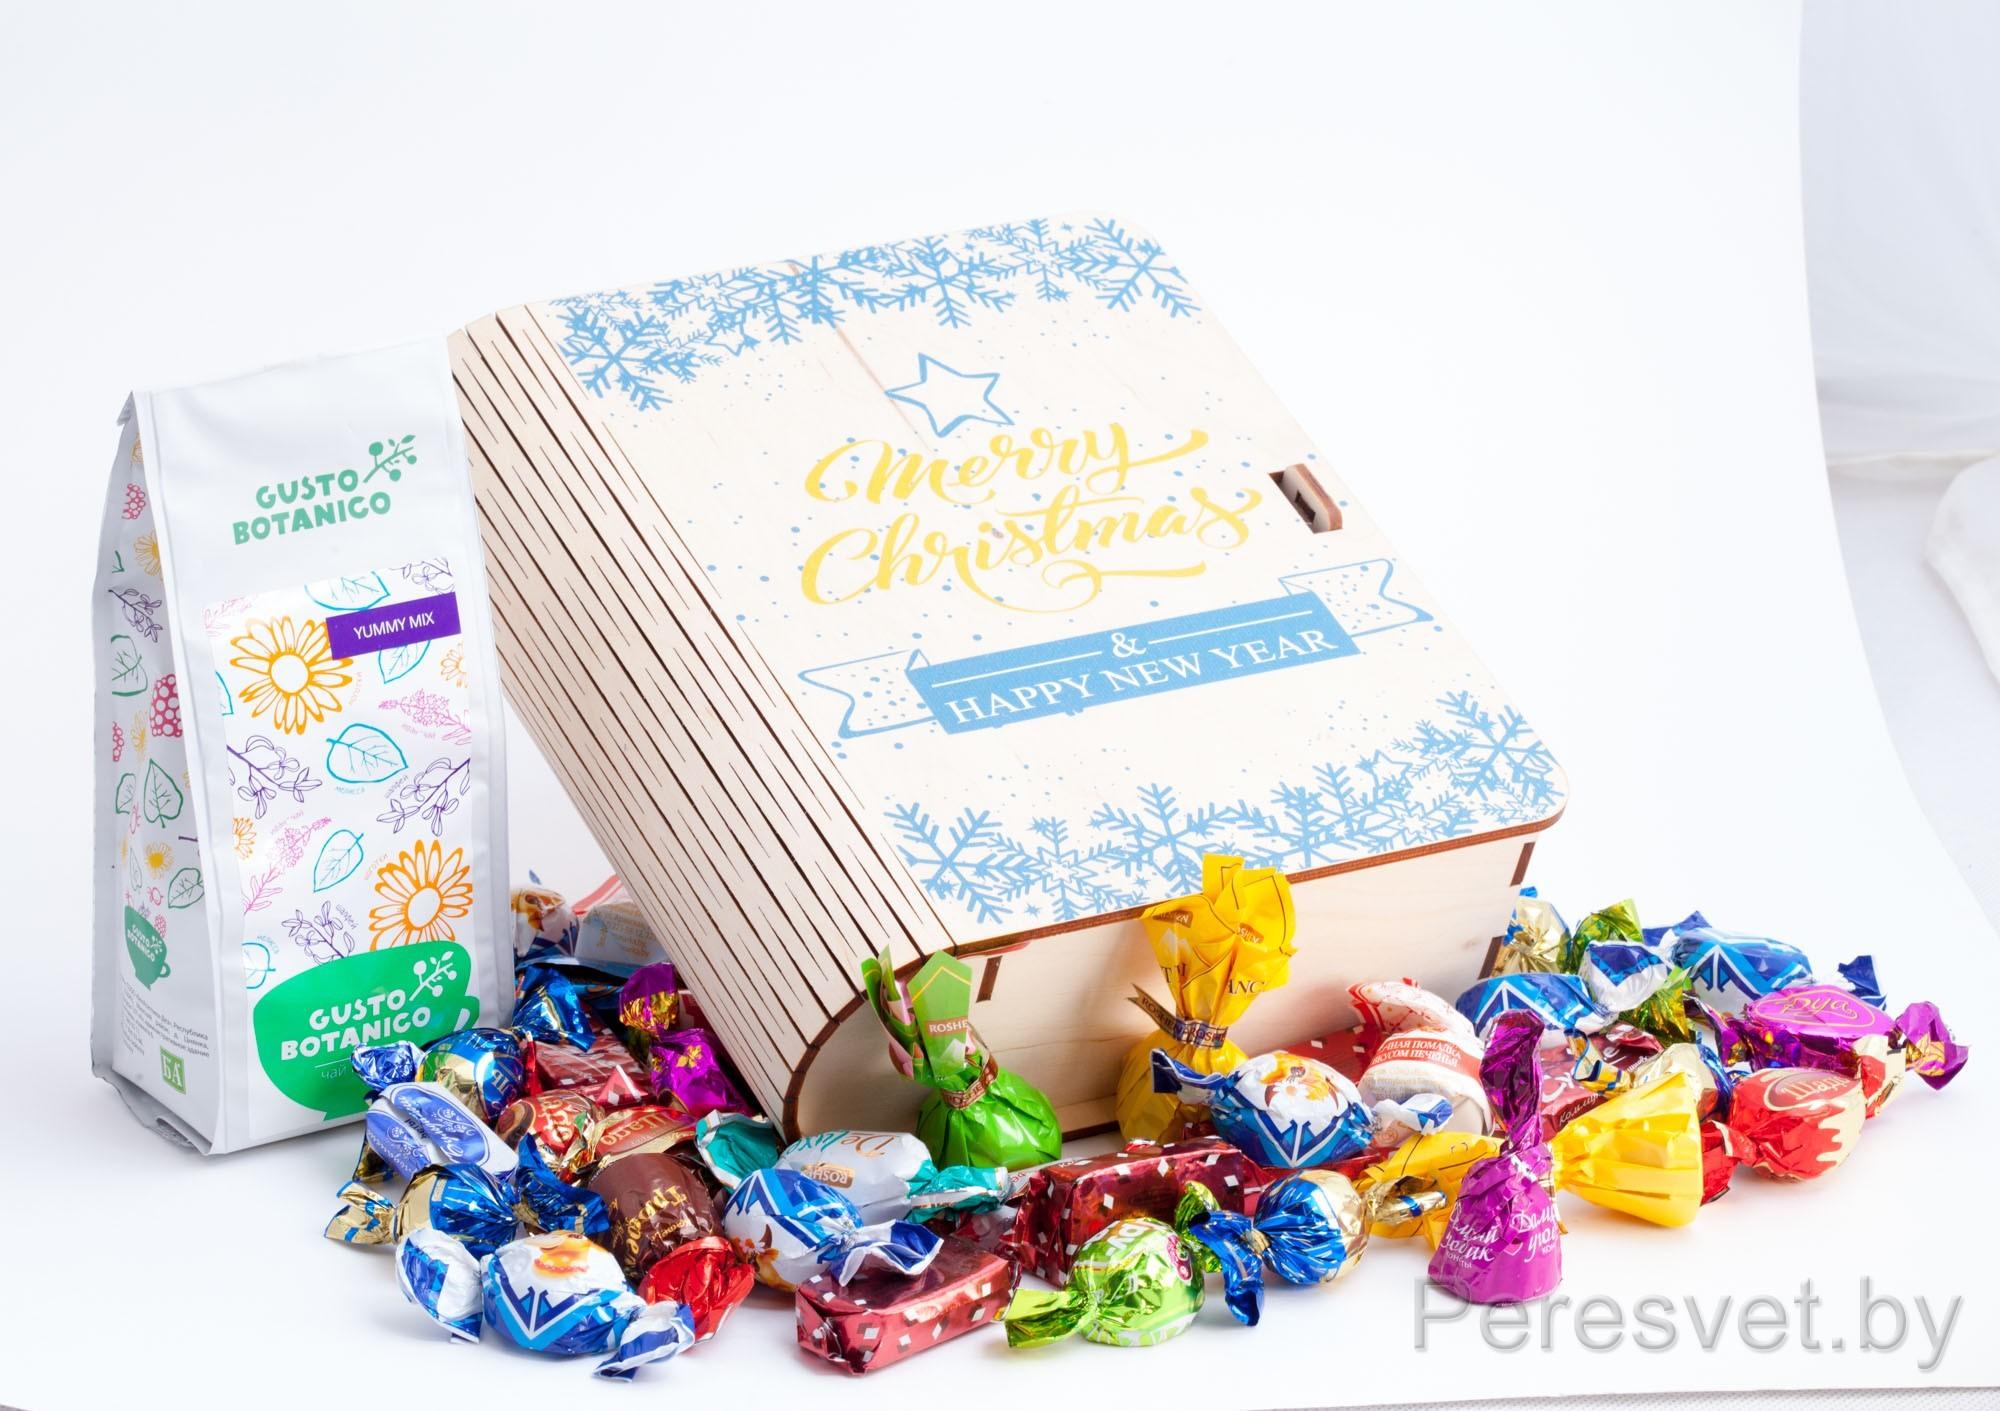 Детский новогодний подарочный набор Merry Christmas на peresvet.by